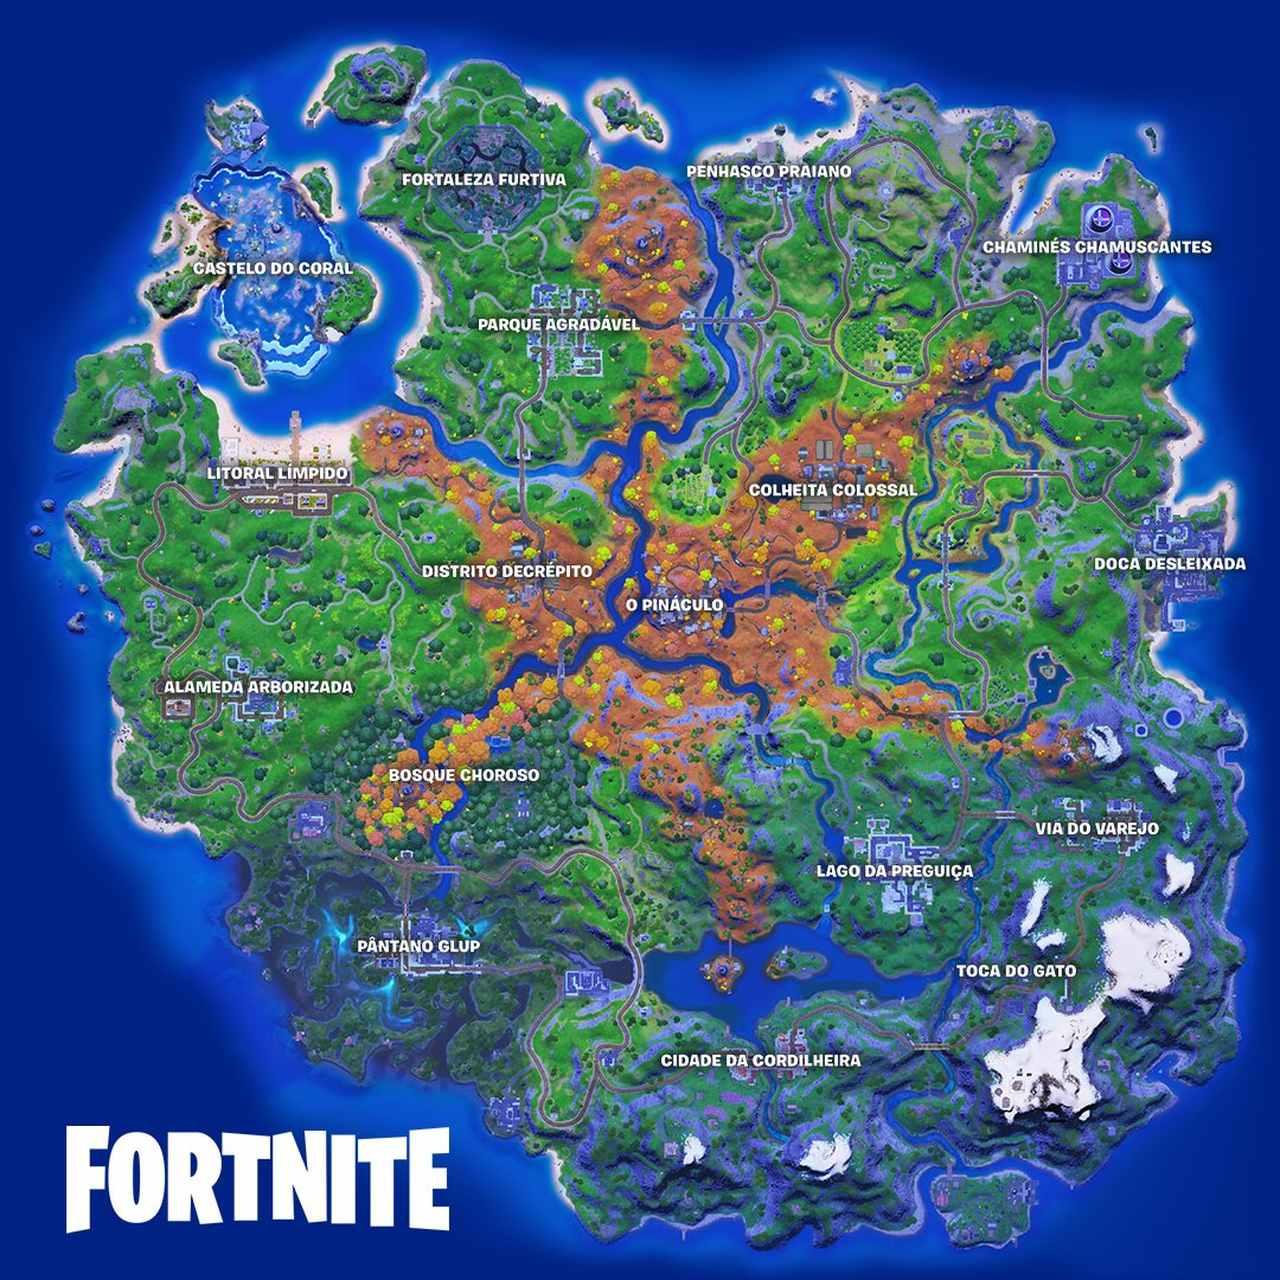 Imagem da matéria sobre o mapa da 7ª temporada de Fortnite com o mapa da 6ª temporada em destaque